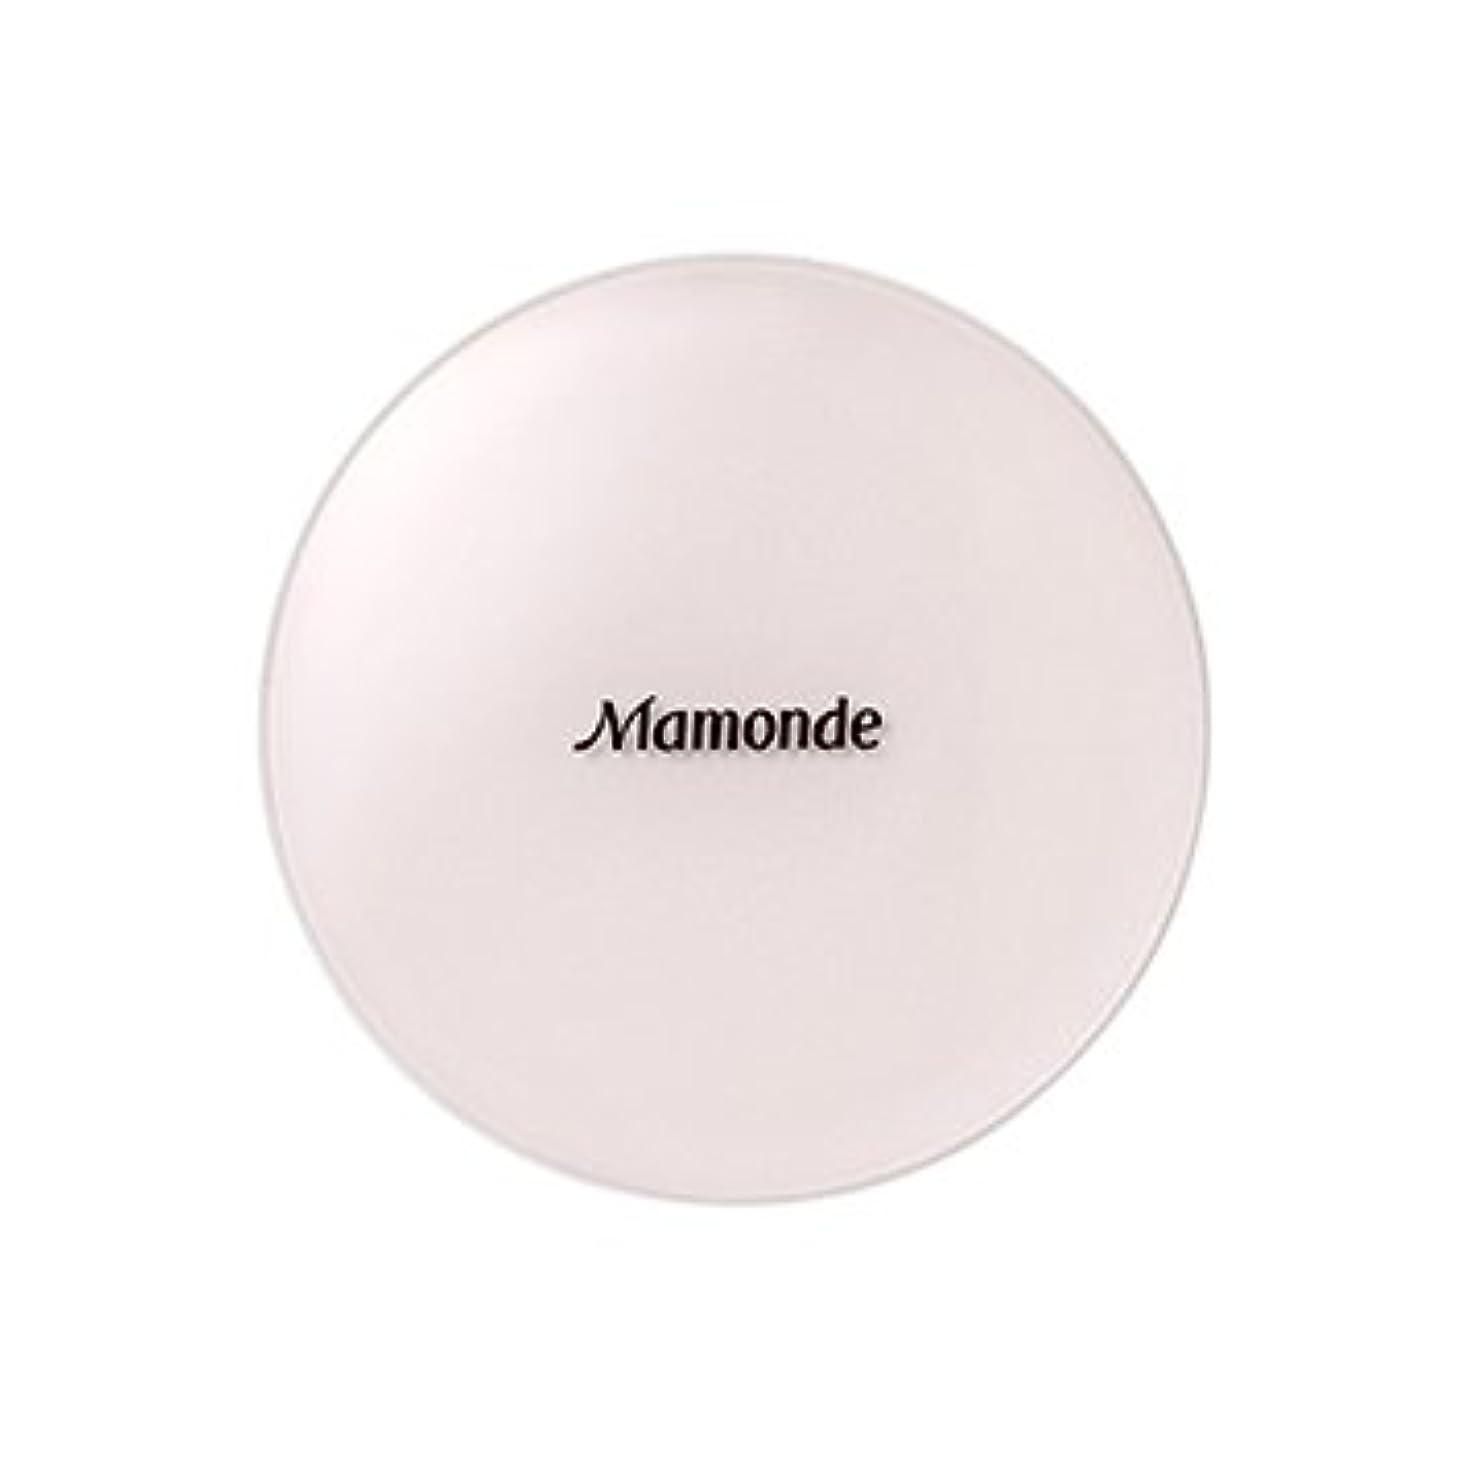 実質的滑る服を着る[New] Mamonde Brightening Cover Ampoule Cushion 15g/マモンド ブライトニング カバー アンプル クッション 15g (#23N Natural Beige) [並行輸入品]